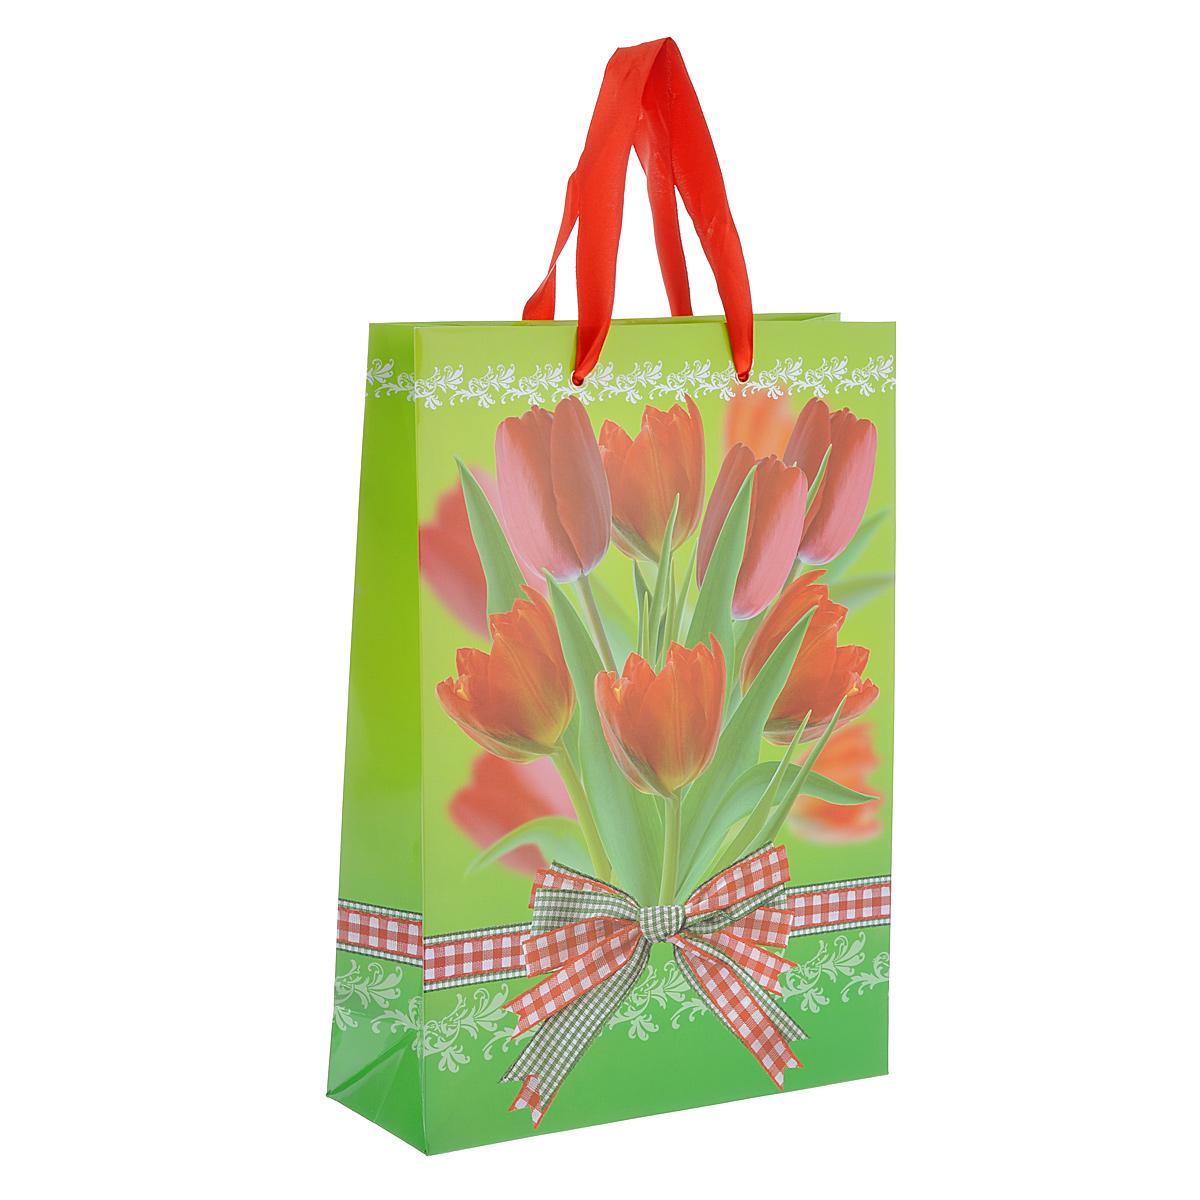 Пакет подарочный Тюльпаны, 25 х 35 х 9 см4610009211664Подарочный пакет Тюльпаны выполнен из плотной ламинированной бумаги с красочным цветочным рисунком. Дизайн очень яркий и заряжает весенним настроением. Дно изделия укреплено плотным картоном, который позволяет сохранить форму пакета и исключает возможность деформации под тяжестью подарка. Для удобной переноски на пакете имеются две атласные ручки.Подарок, преподнесенный в оригинальной упаковке, всегда будет самым эффектным и запоминающимся. Окружите близких людей вниманием и заботой, вручив презент в нарядном, праздничном оформлении.